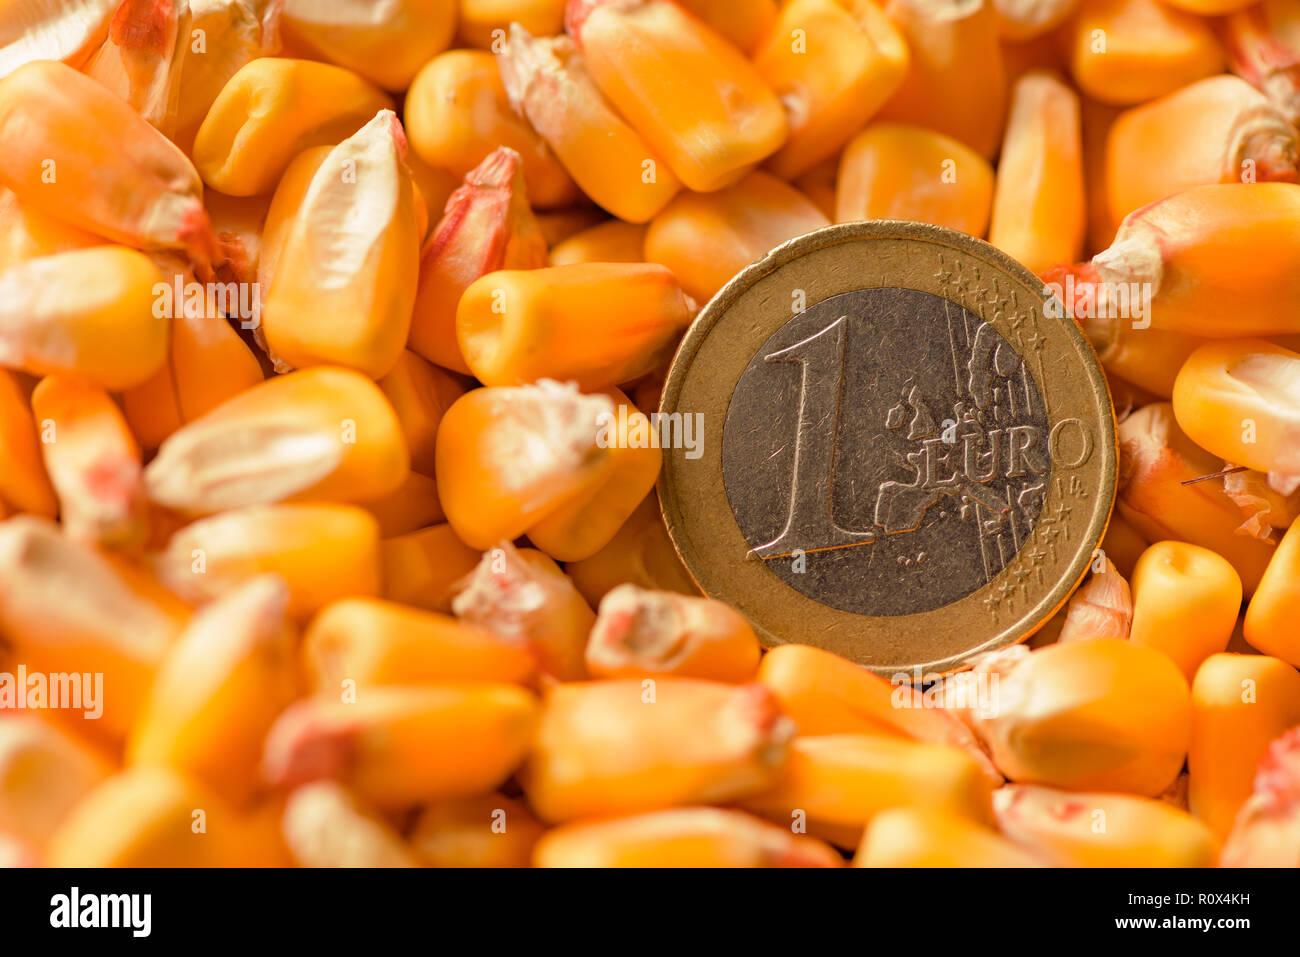 e820c554da Un Euro moneta in raccolte di chicchi di mais, heap immagine concettuale per  il granturco